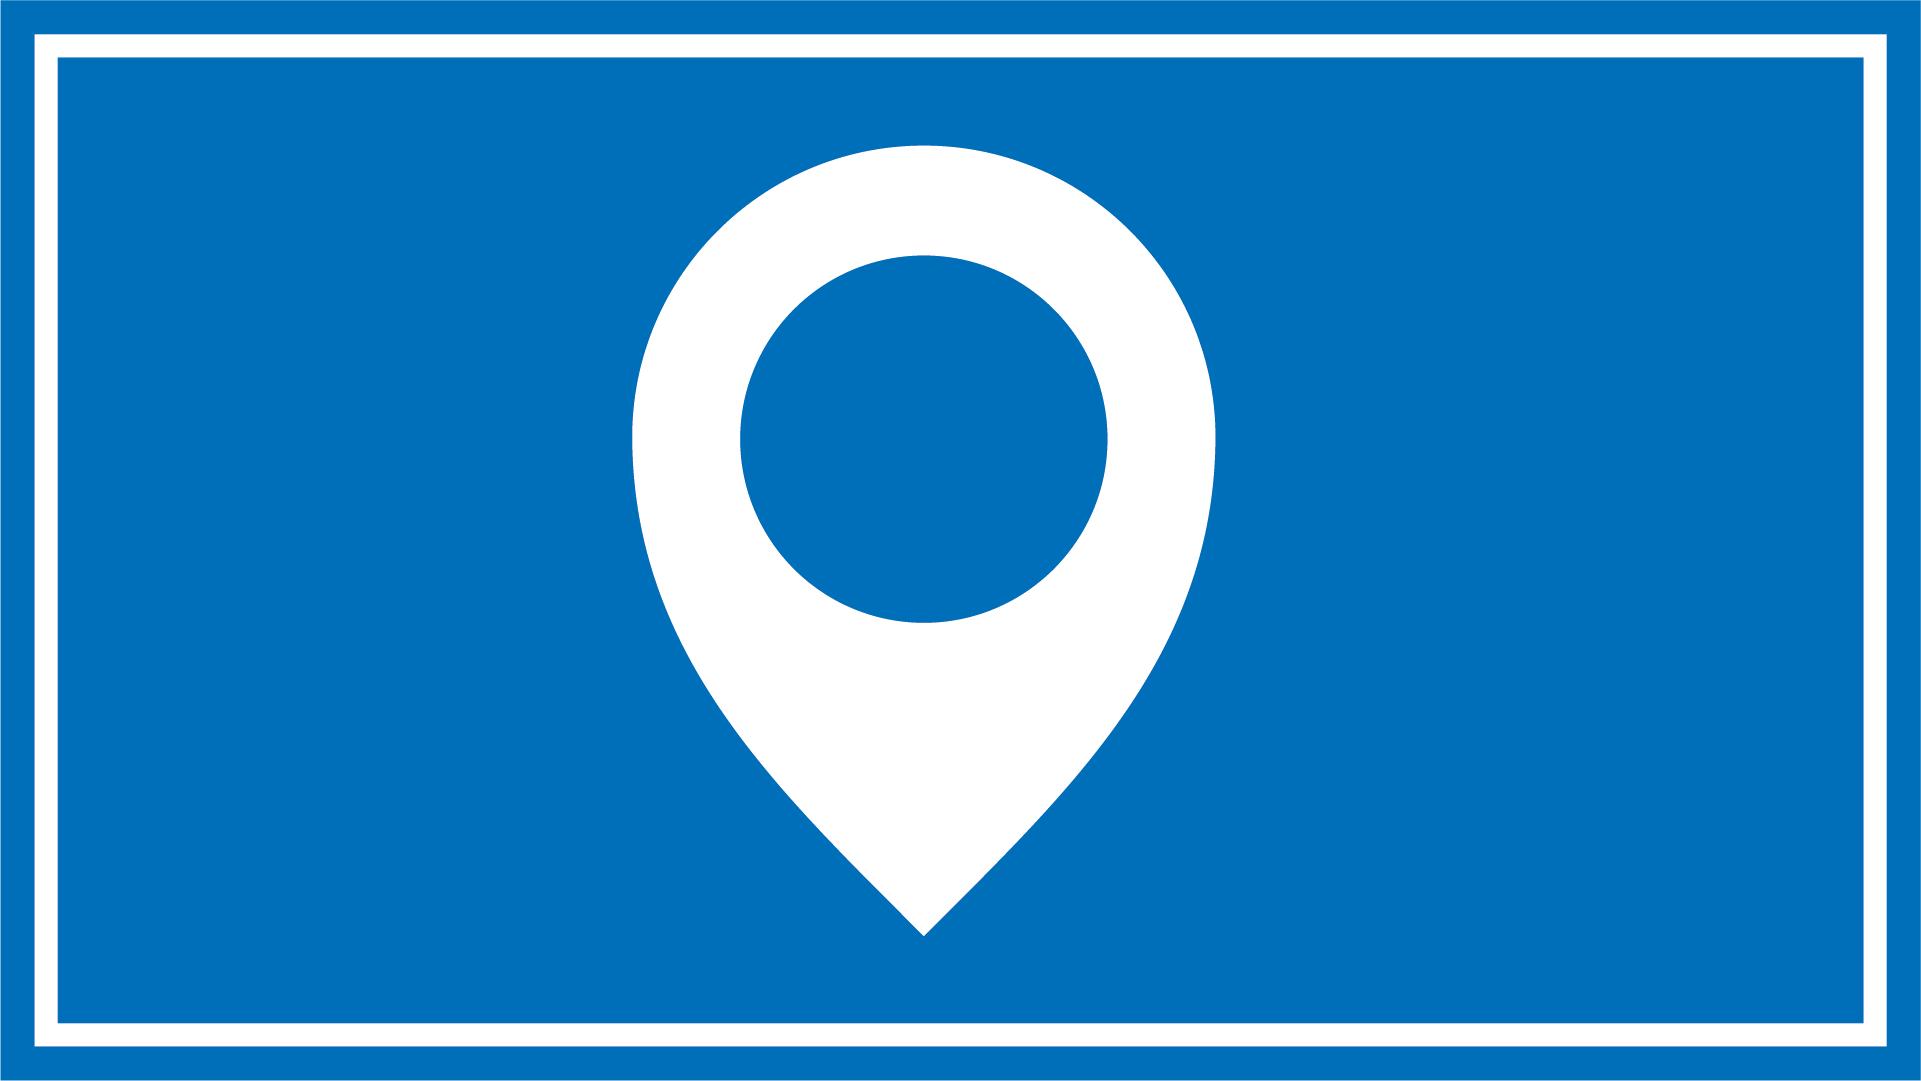 https://www.virginiaaquarium.com/assets/Images/PlanVisit/Directions-Parking/Location-1.png